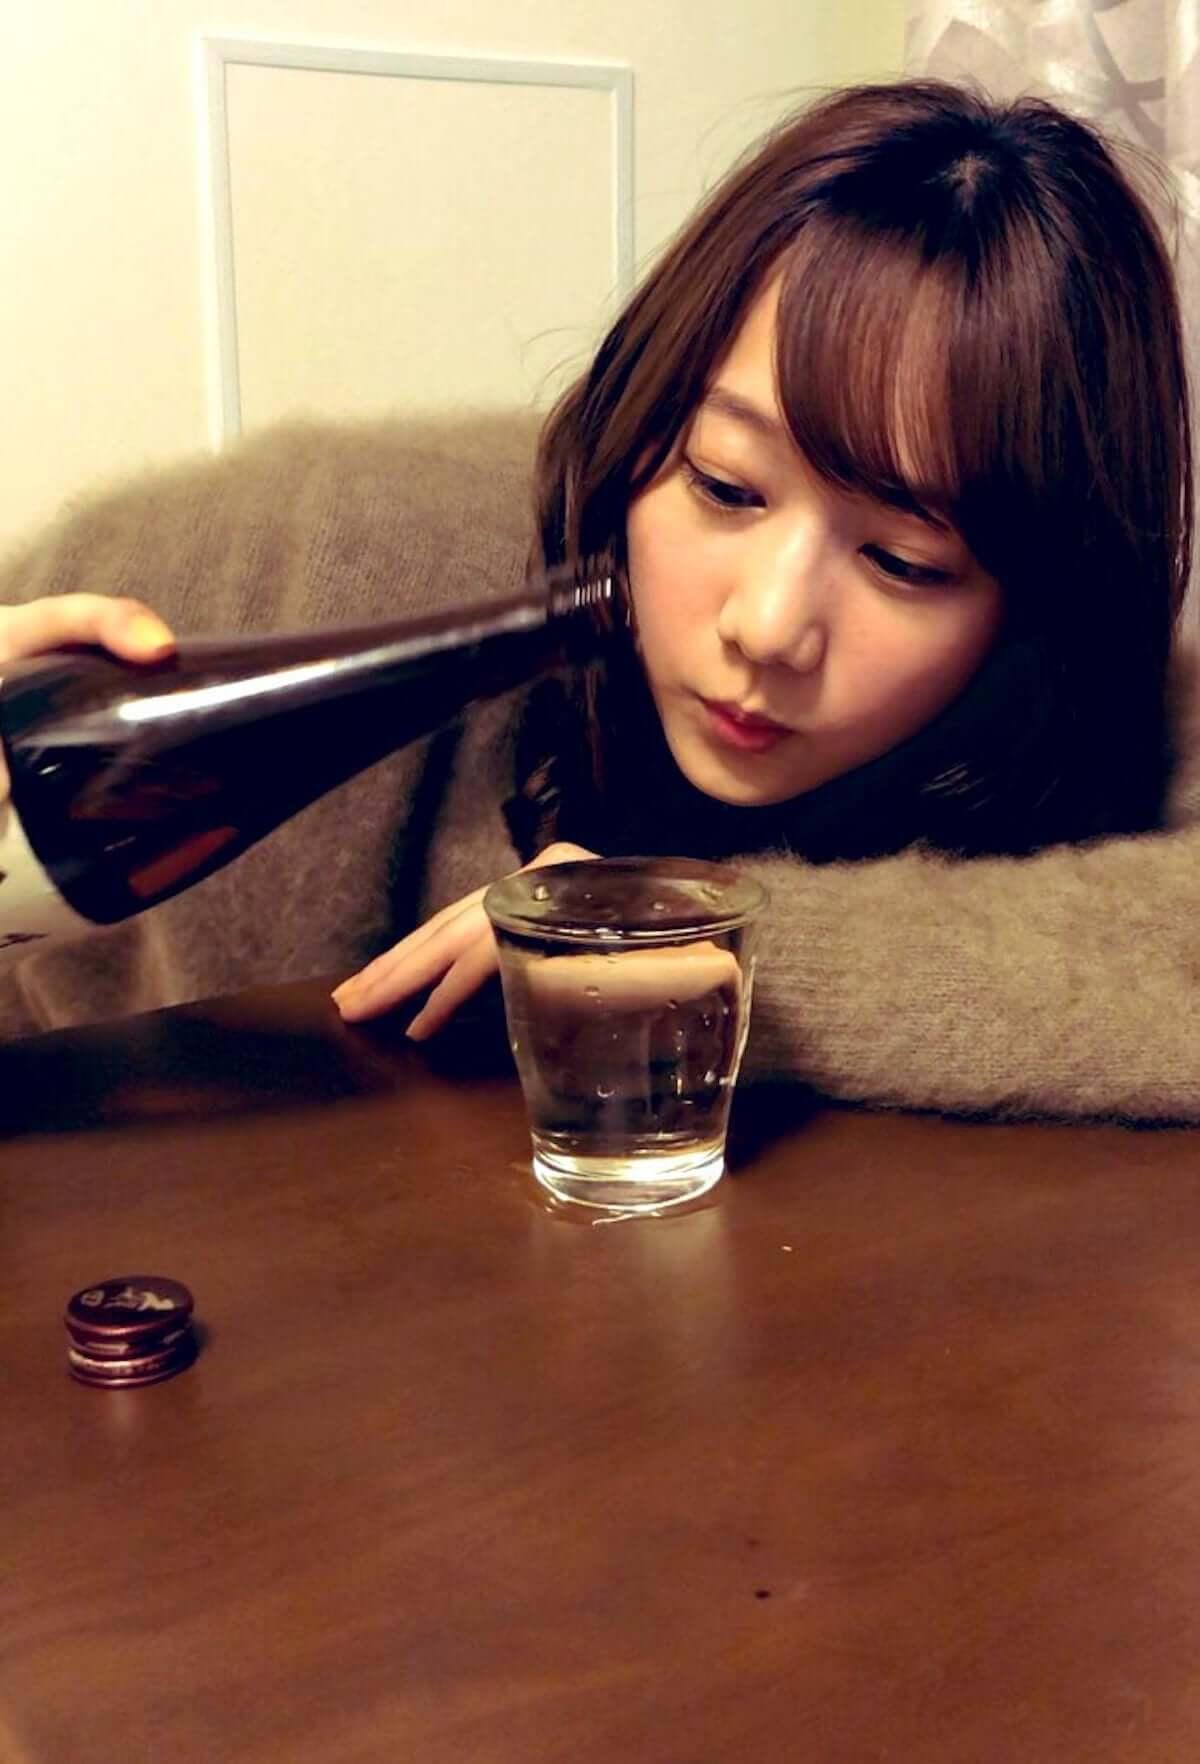 モデル・高田秋 「笑コラはしご酒」での酒飲み姿に視聴者悶絶! life-fashion190213-takadashu-1-1200x1764